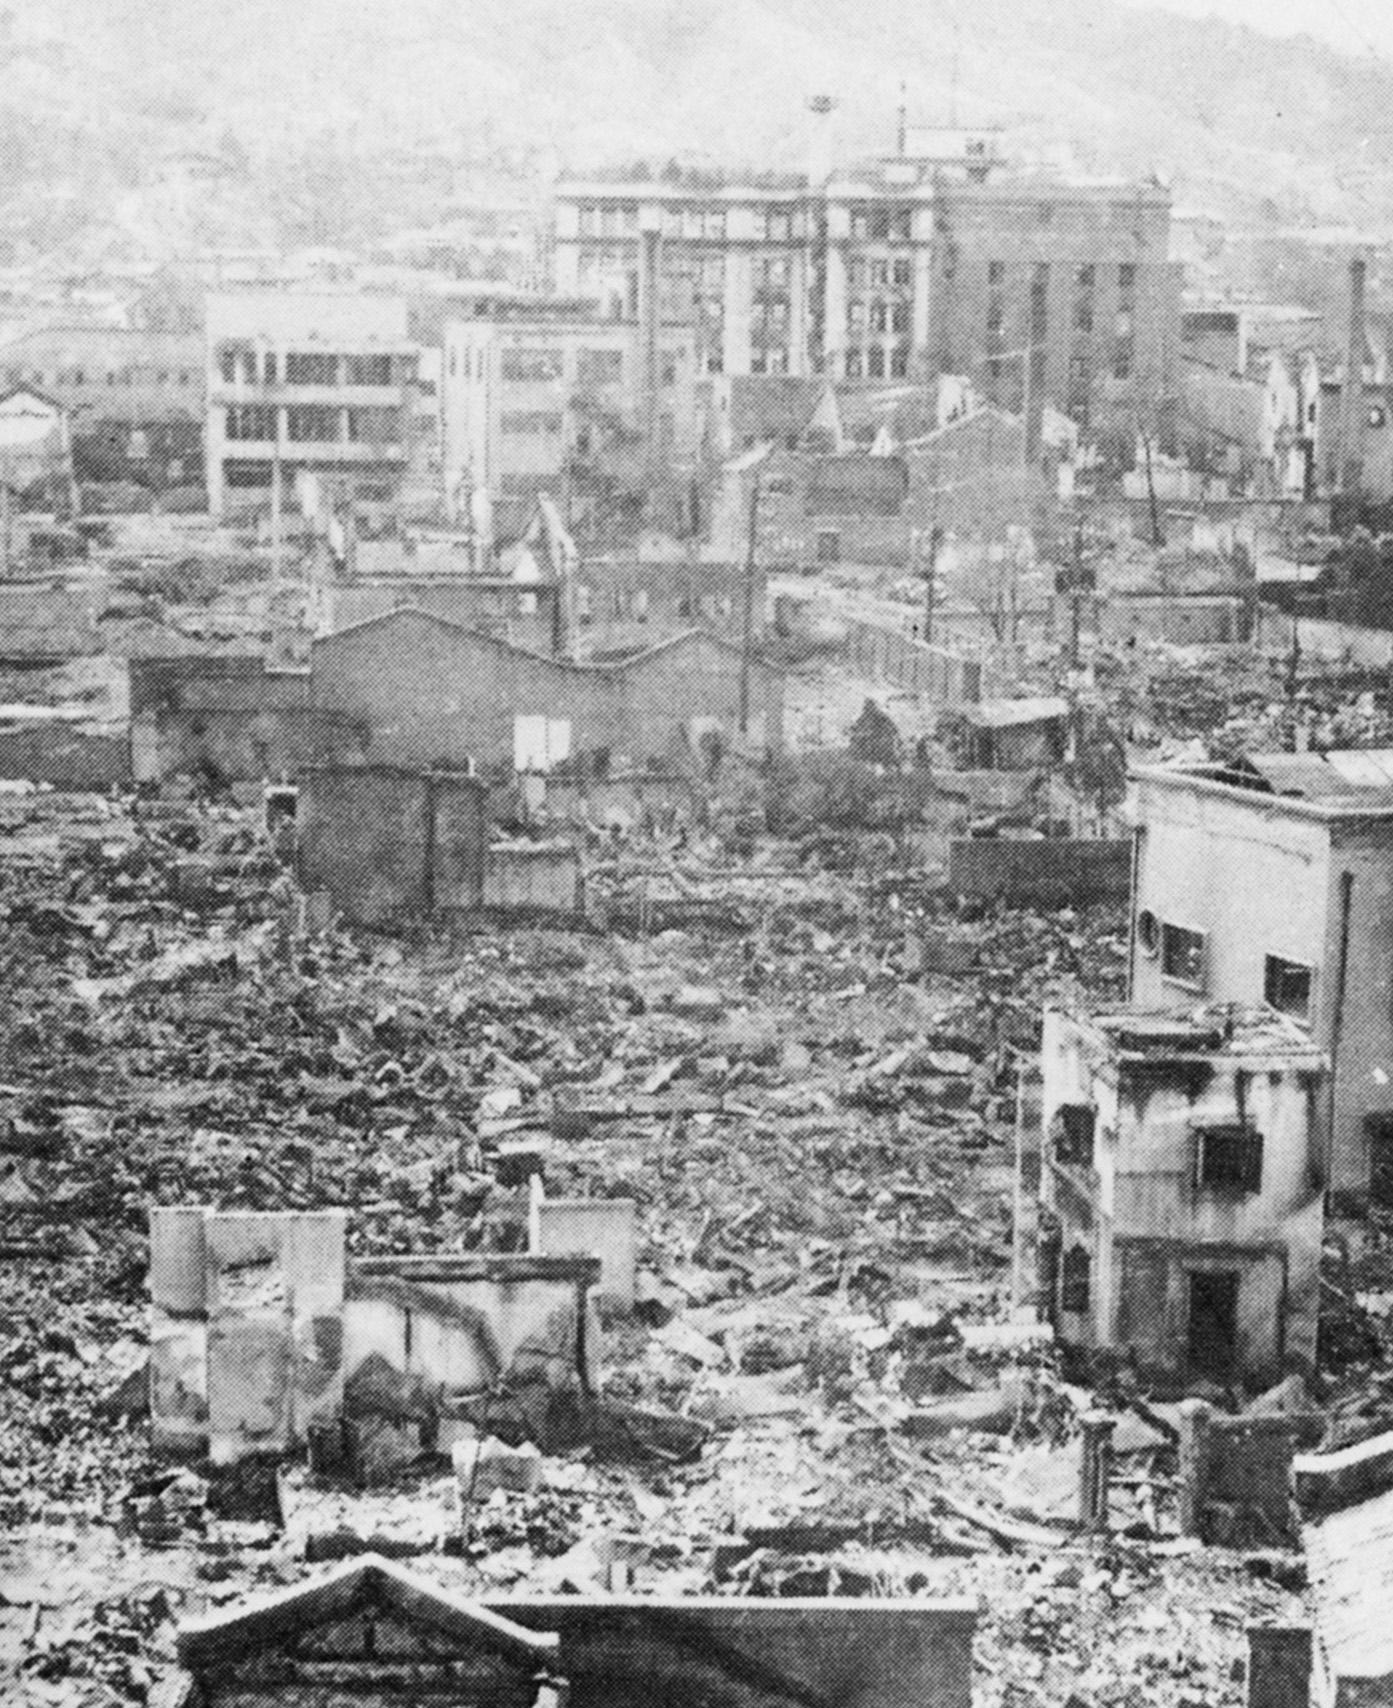 한국전쟁으로 폐허가 된 서울시가지 모습 [중앙포토, 도서 한국전쟁]